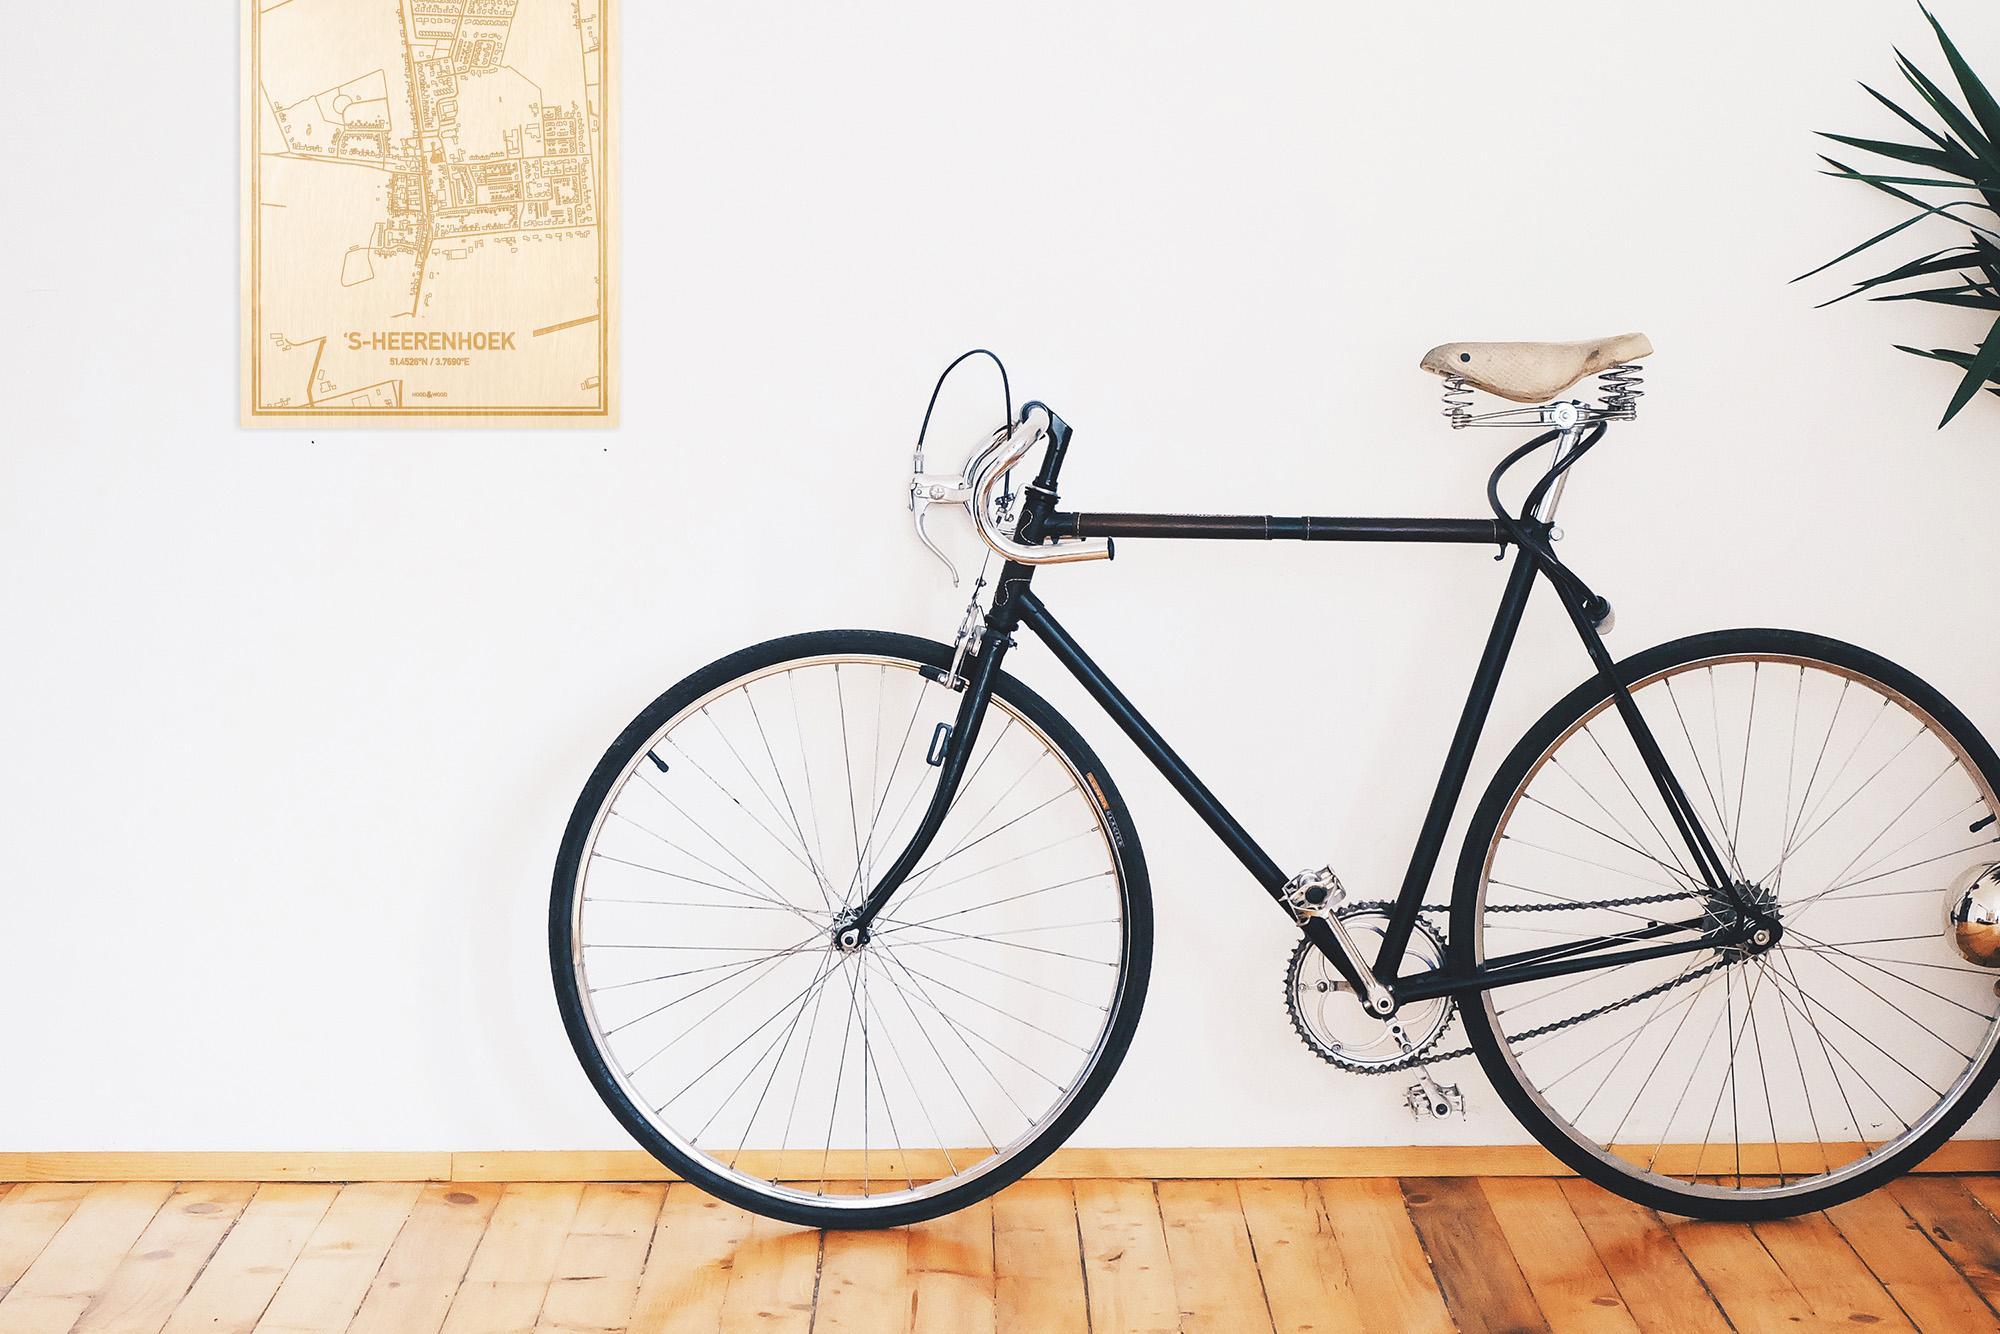 Een snelle fiets in een uniek interieur in Zeeland met mooie decoratie zoals de plattegrond 's-Heerenhoek.